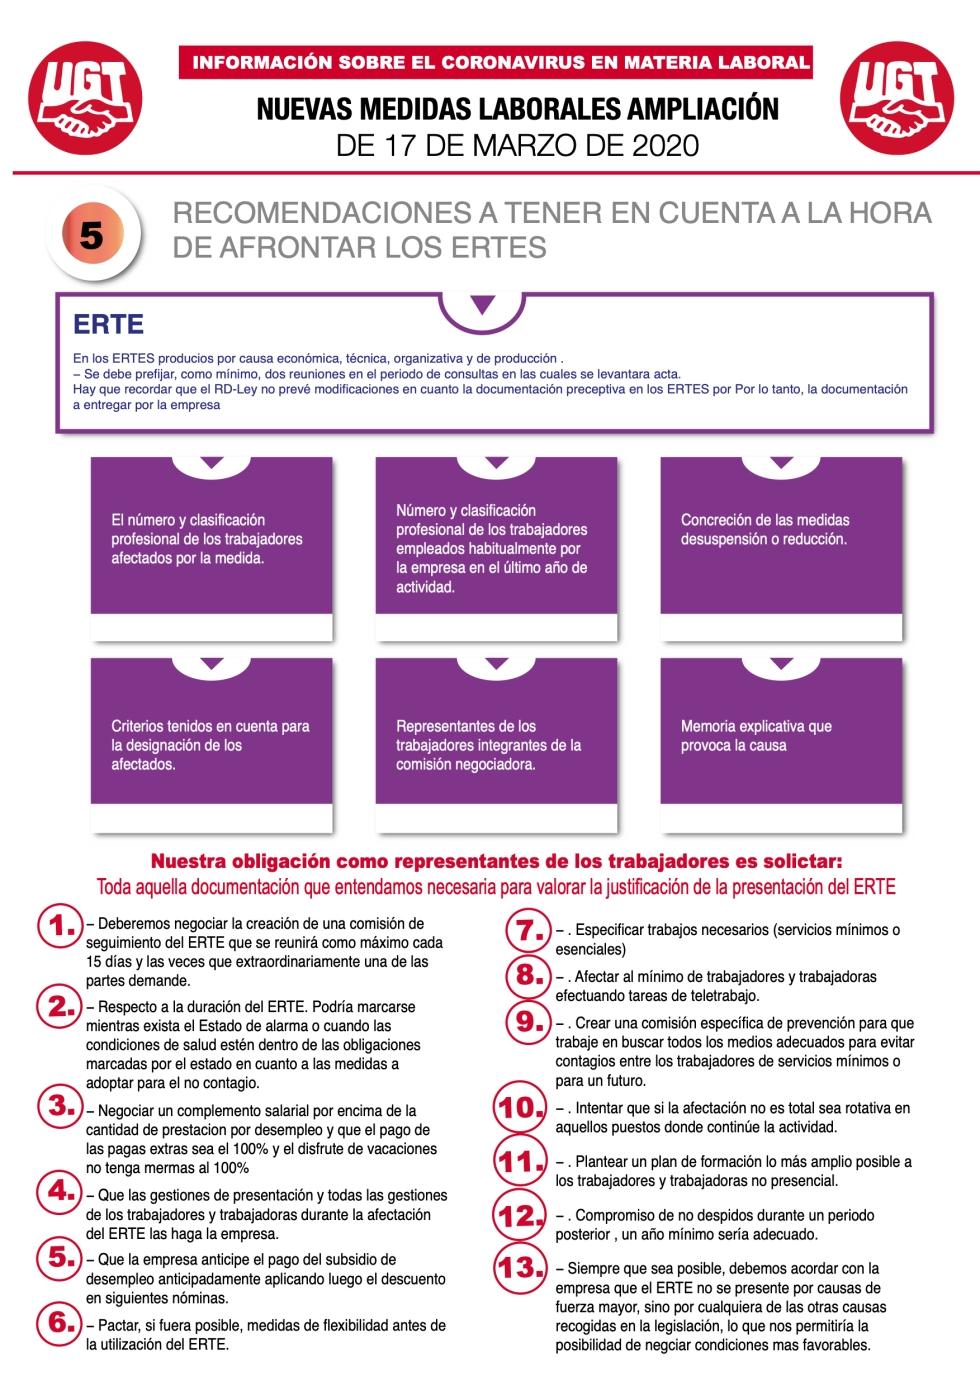 NUEVAS MEDIDAS LABORALES 4.jpg